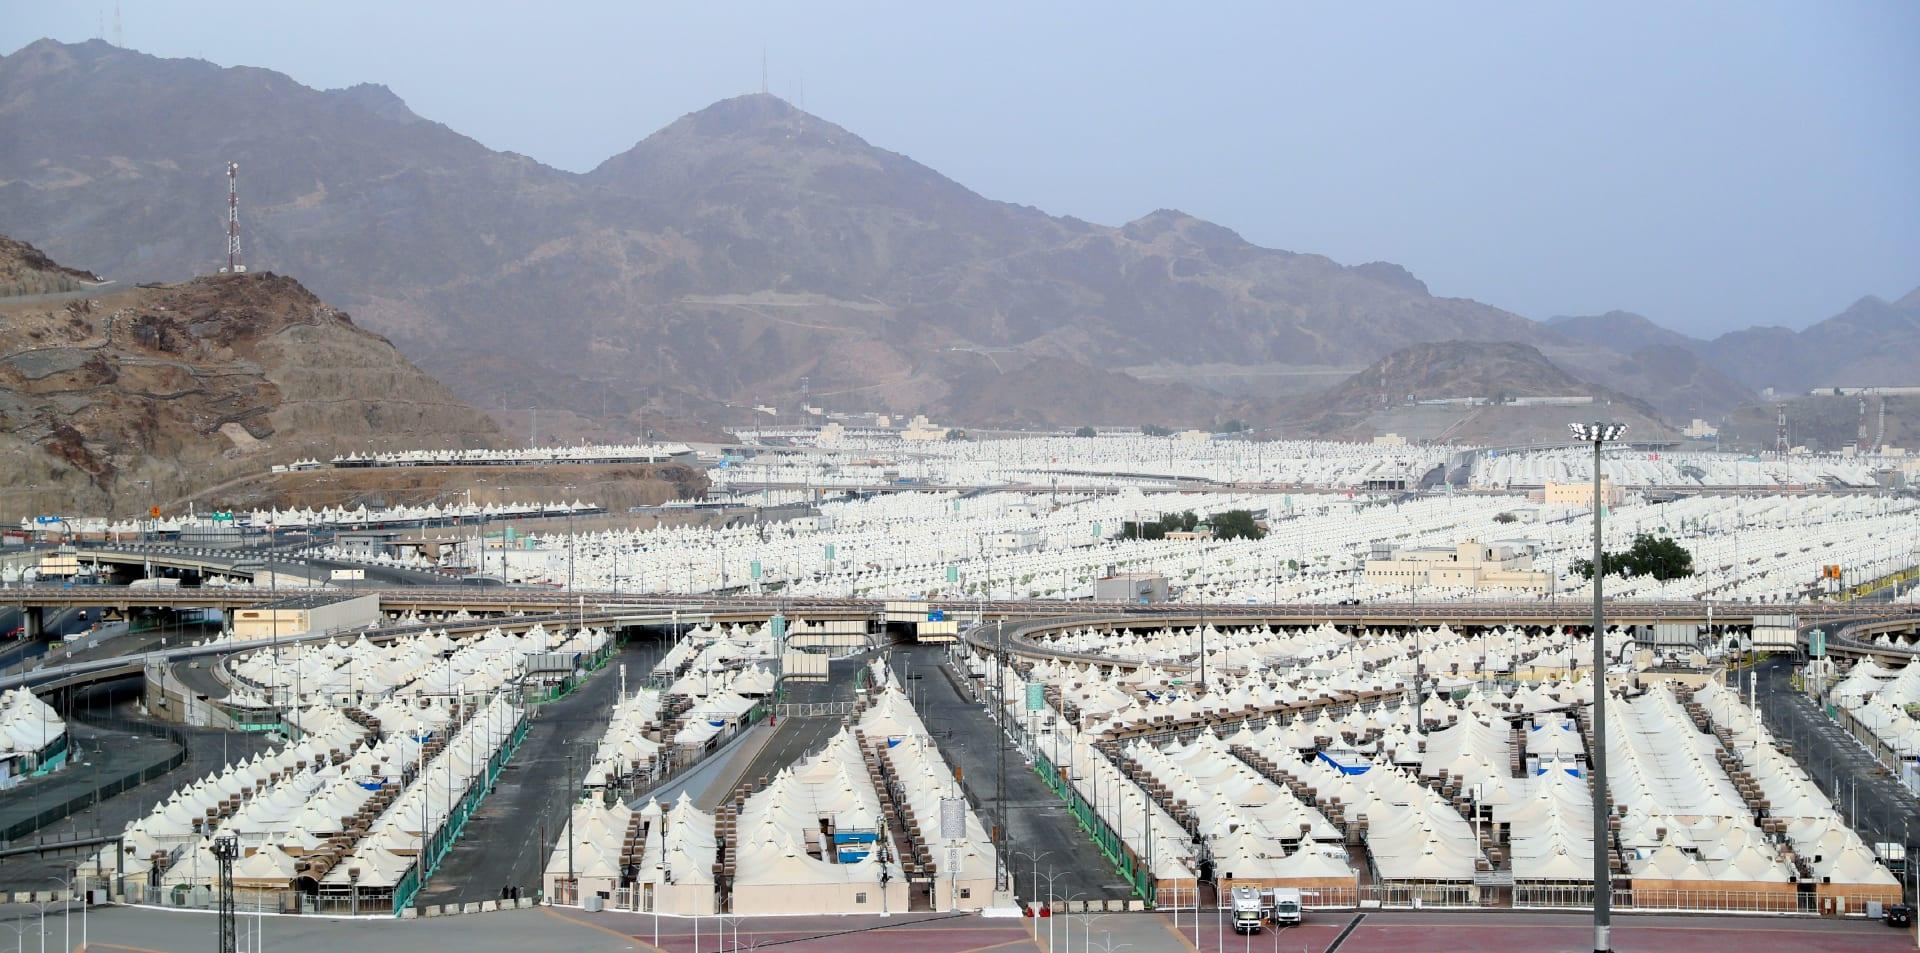 الخيام المخصصة لإقامة الحجيج بين جبل عرفات ومنى في مكة المكرمة